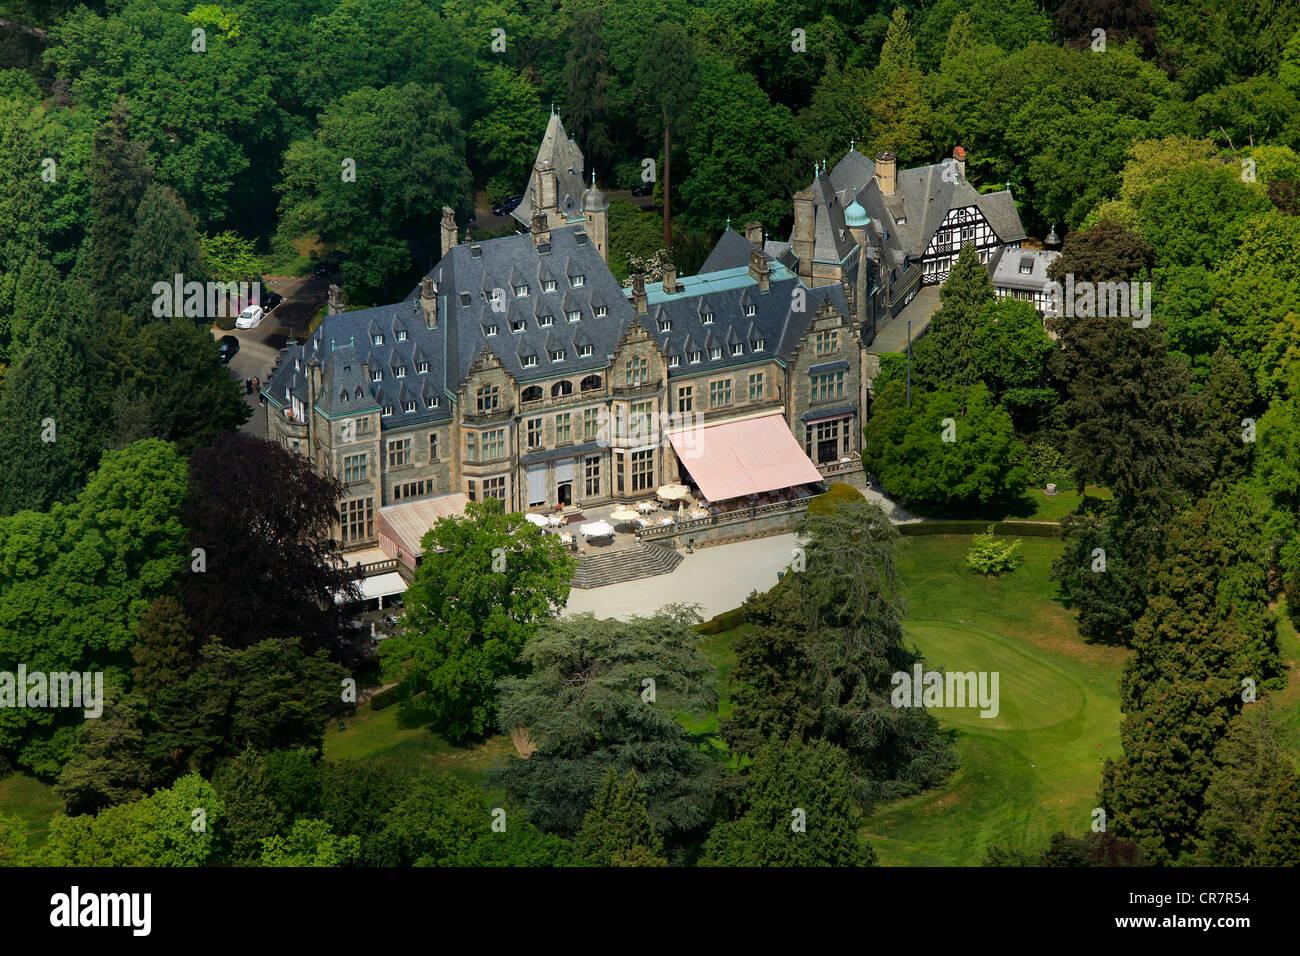 Aerial view, Schlosshotel Kronberg castle hotel Kronberg, golf and country club Kronberg, Kronberg im Taunus, Hesse Stock Photo